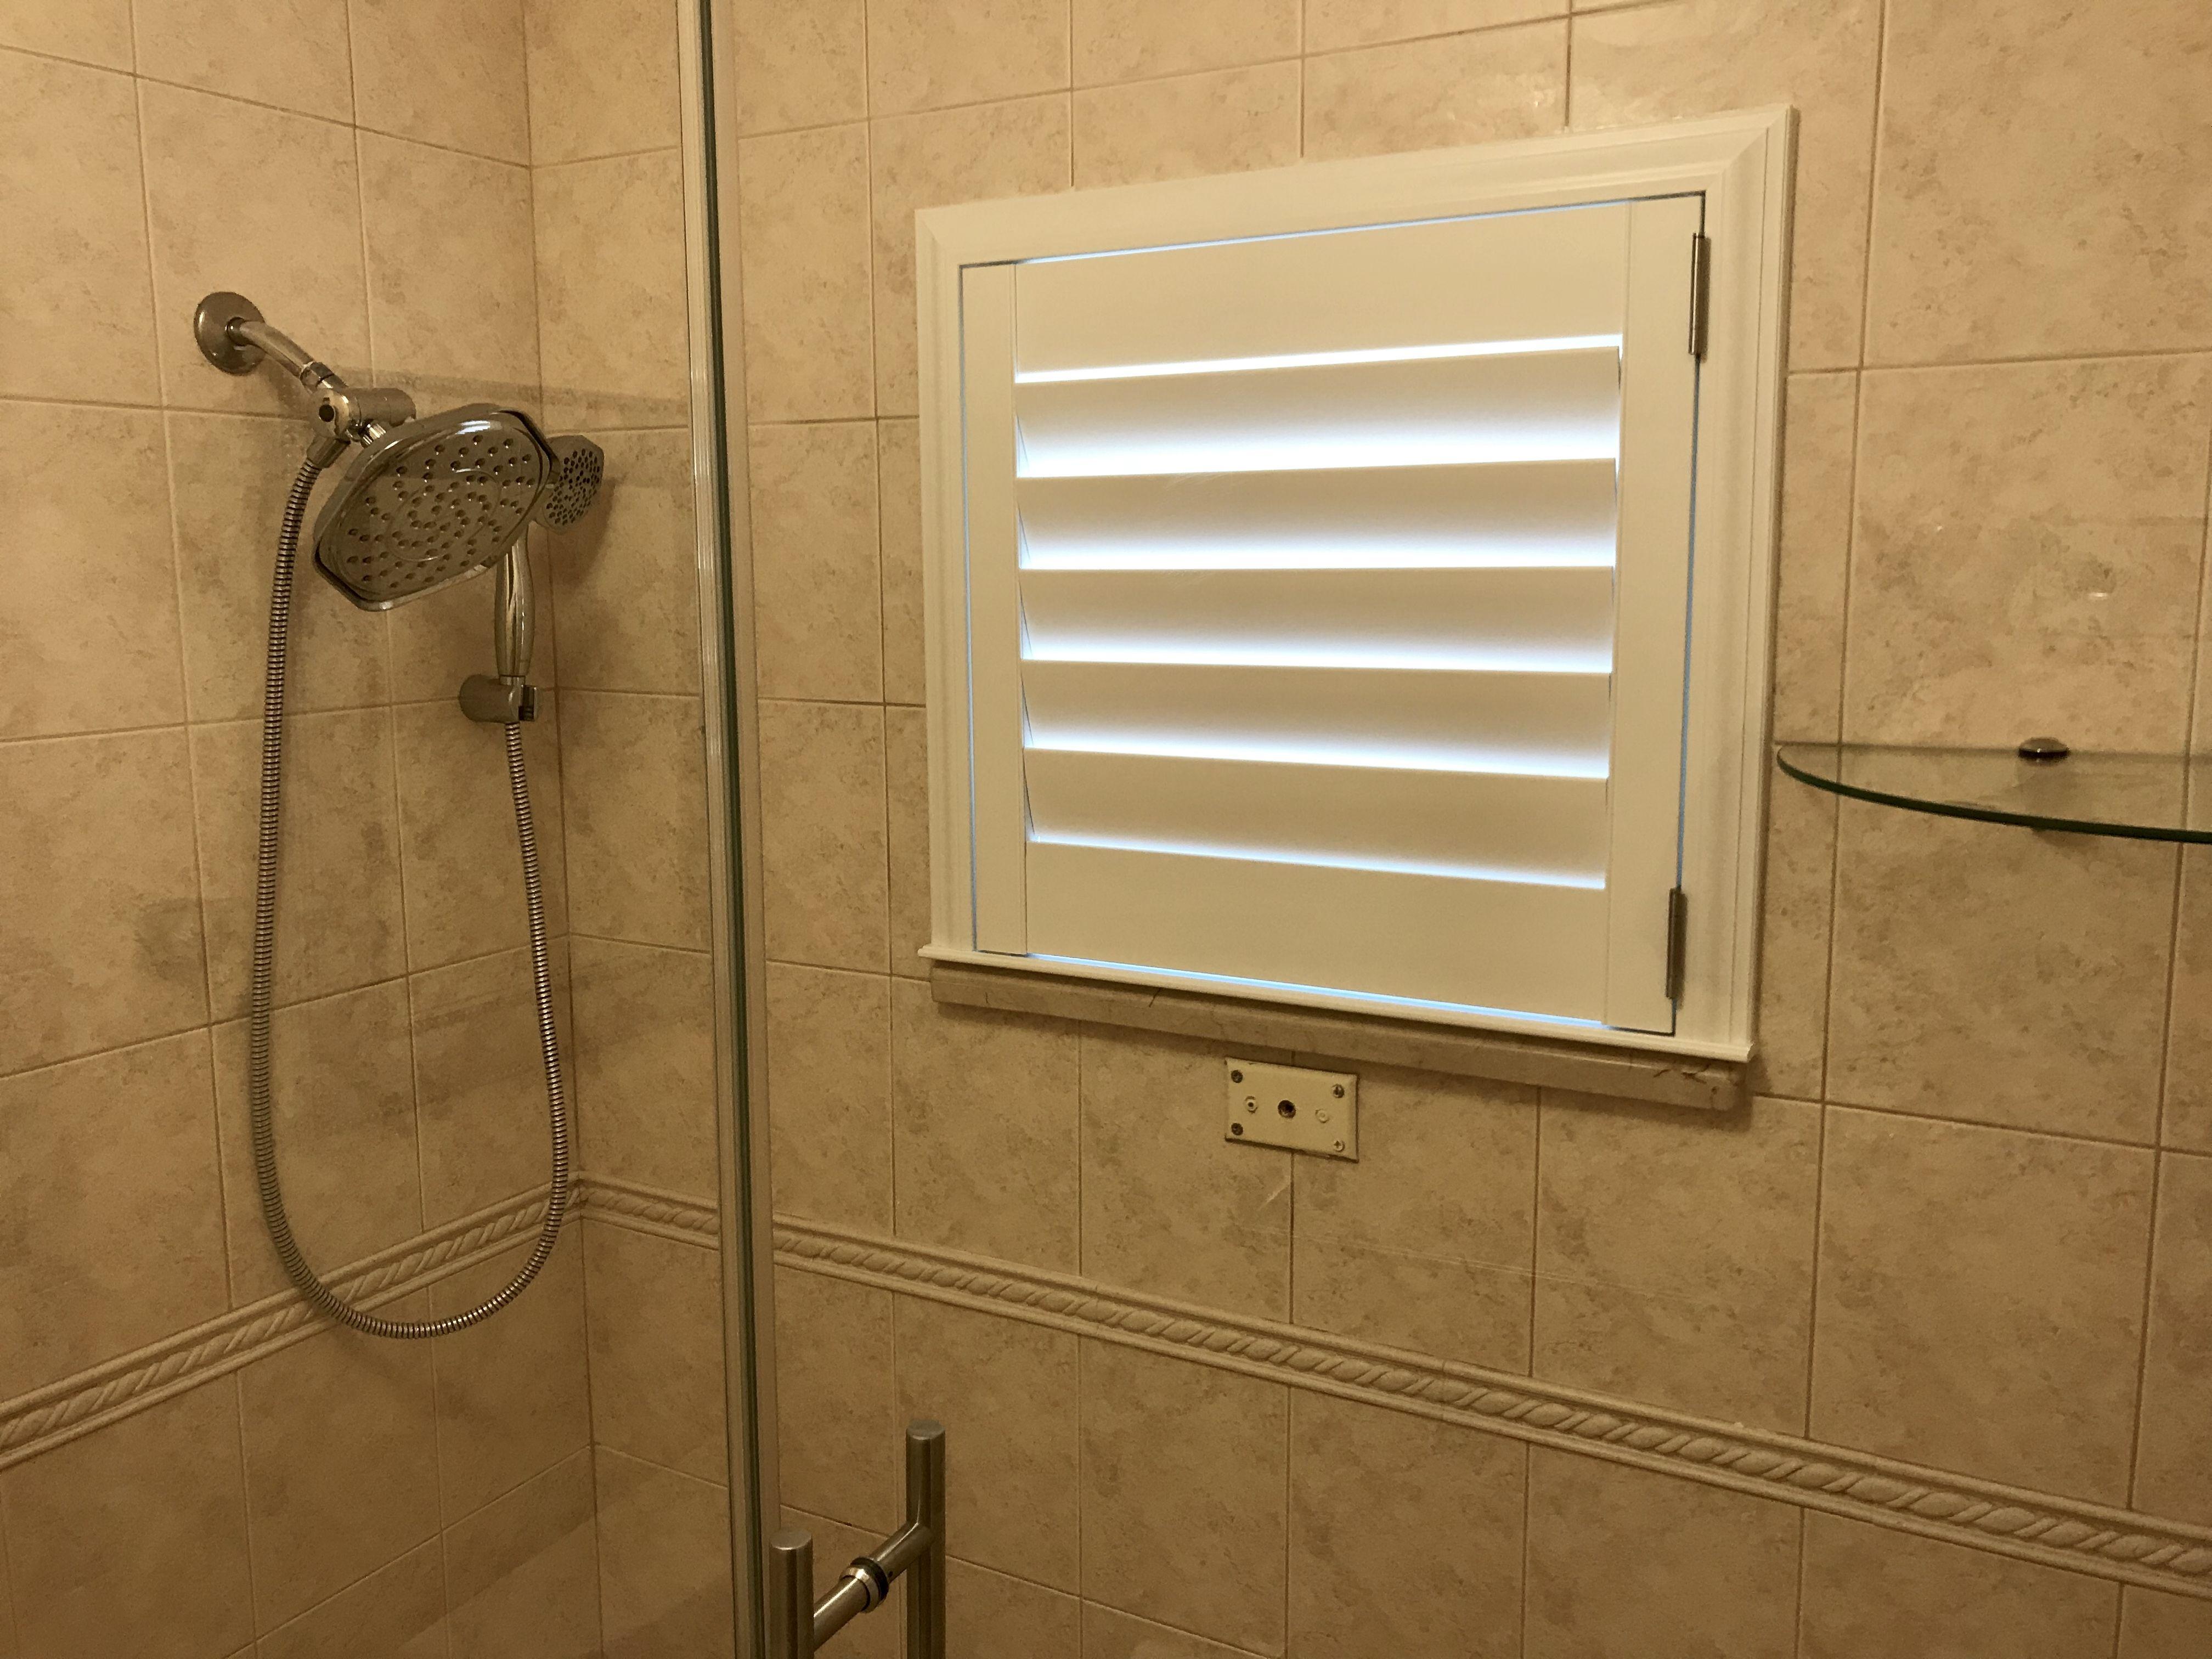 waterproof shower door in bathroom windows window blinds for small front mini